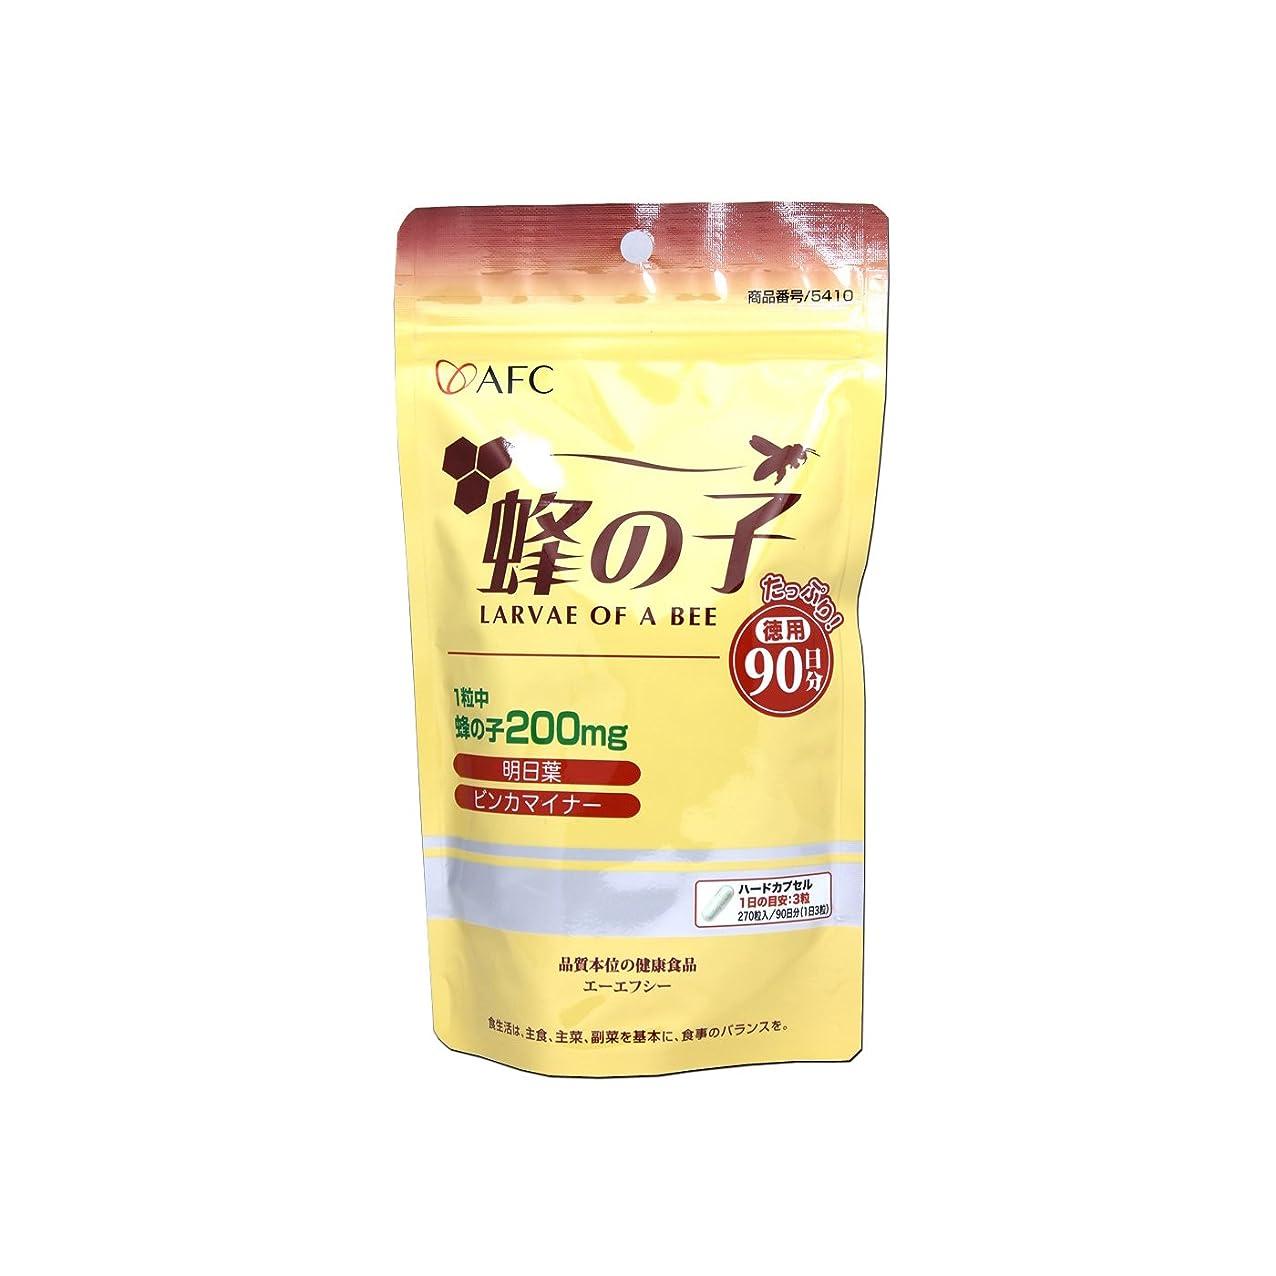 おいしい見ました抵当蜂の子粉末[50g]天然ピュア原料(無添加)健康食品(はちのこ,ハチノコ,はちの子,ハチノ子)